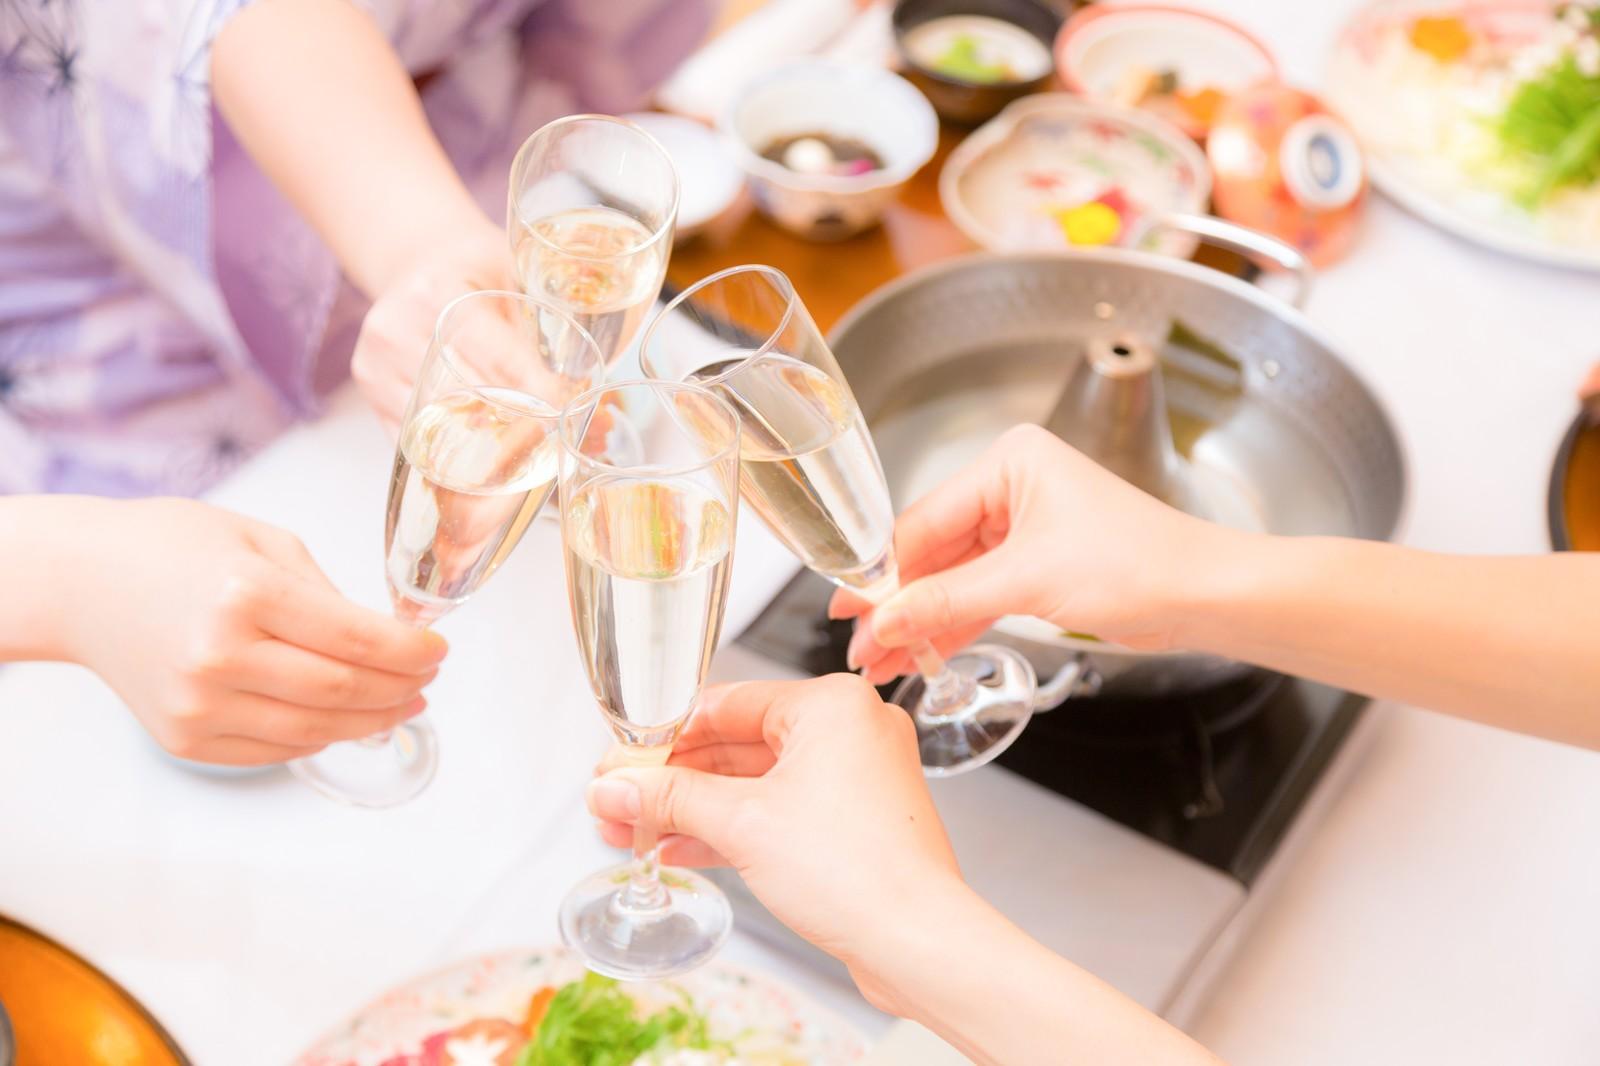 銀座で女子会におすすめのお店特集!人気の飲み放題や個室も!